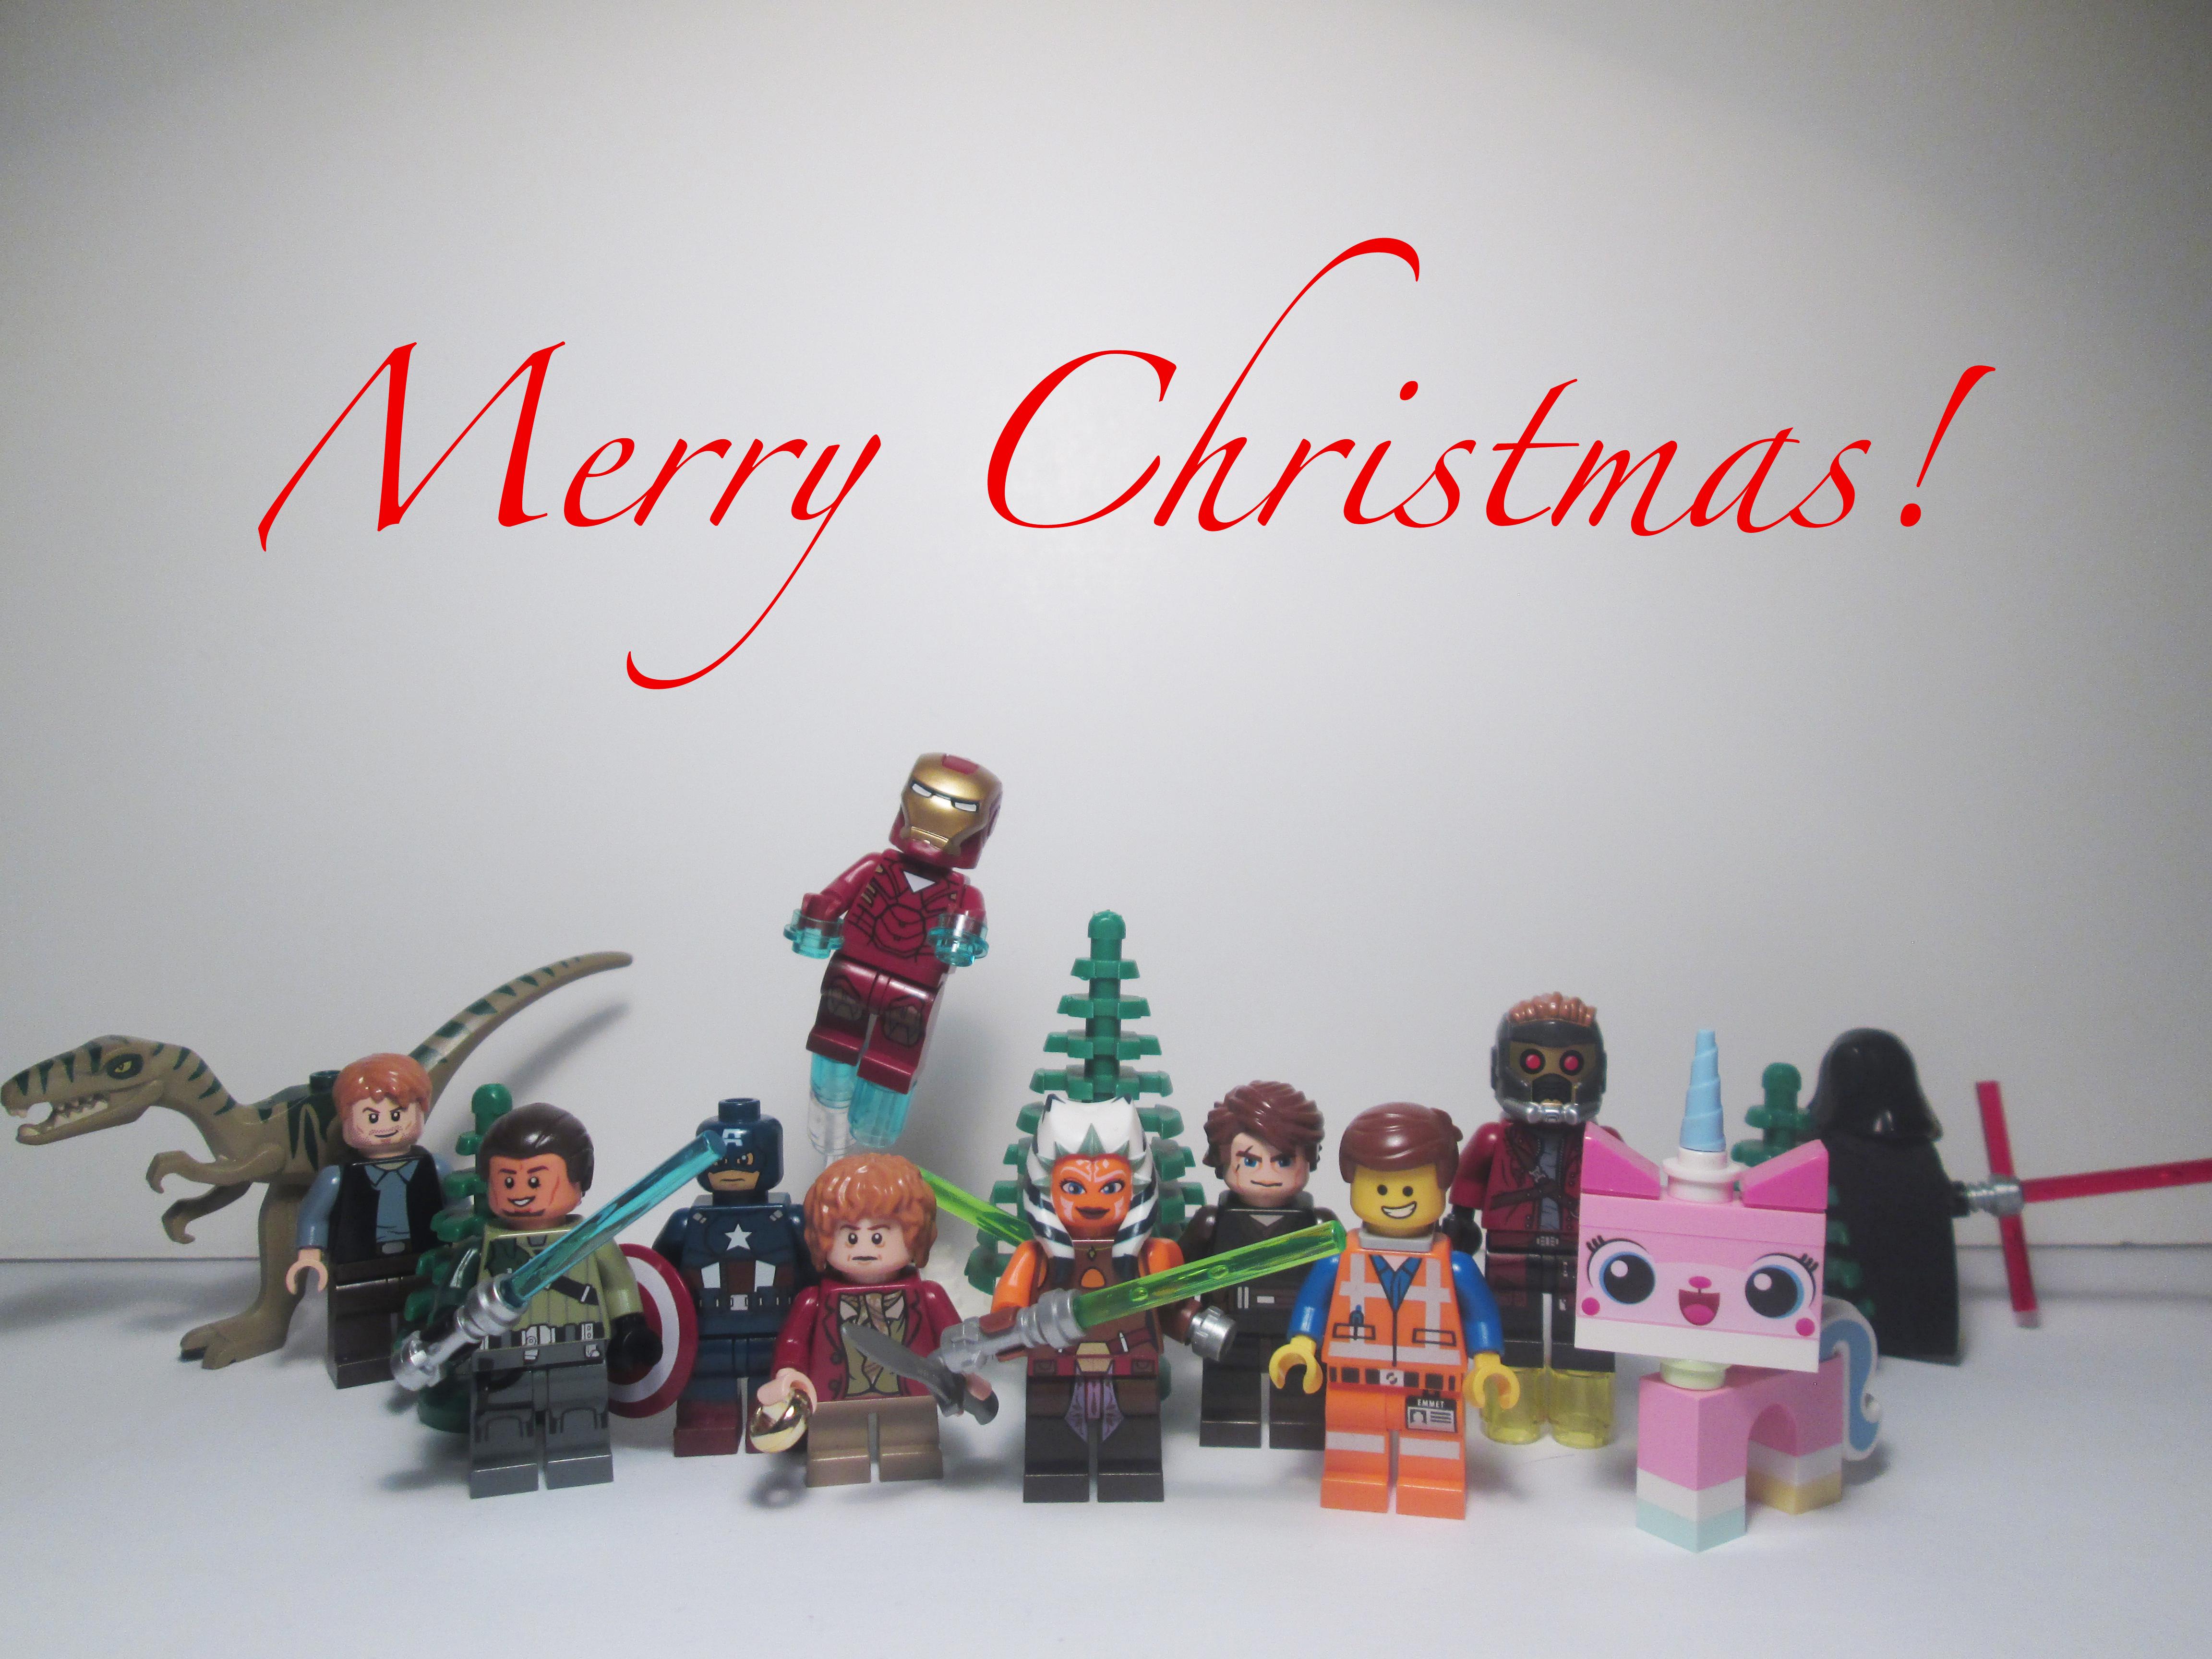 Hintergrundbilder : Welt, Weihnachten, VORABEND, Chris, Urlaub, Mann ...